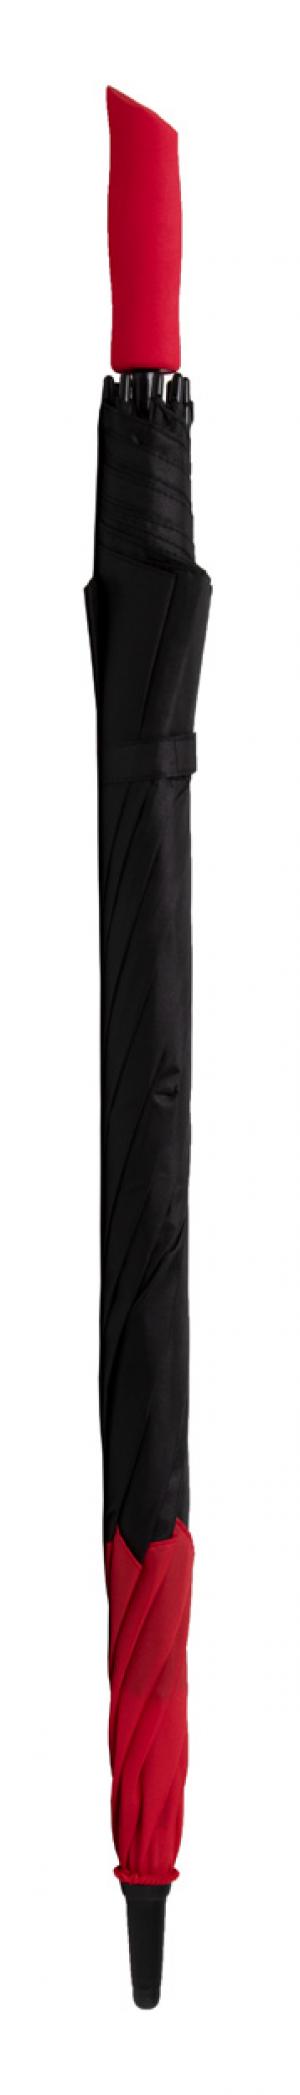 Verslo dovanos Magnific (XL umbrella)